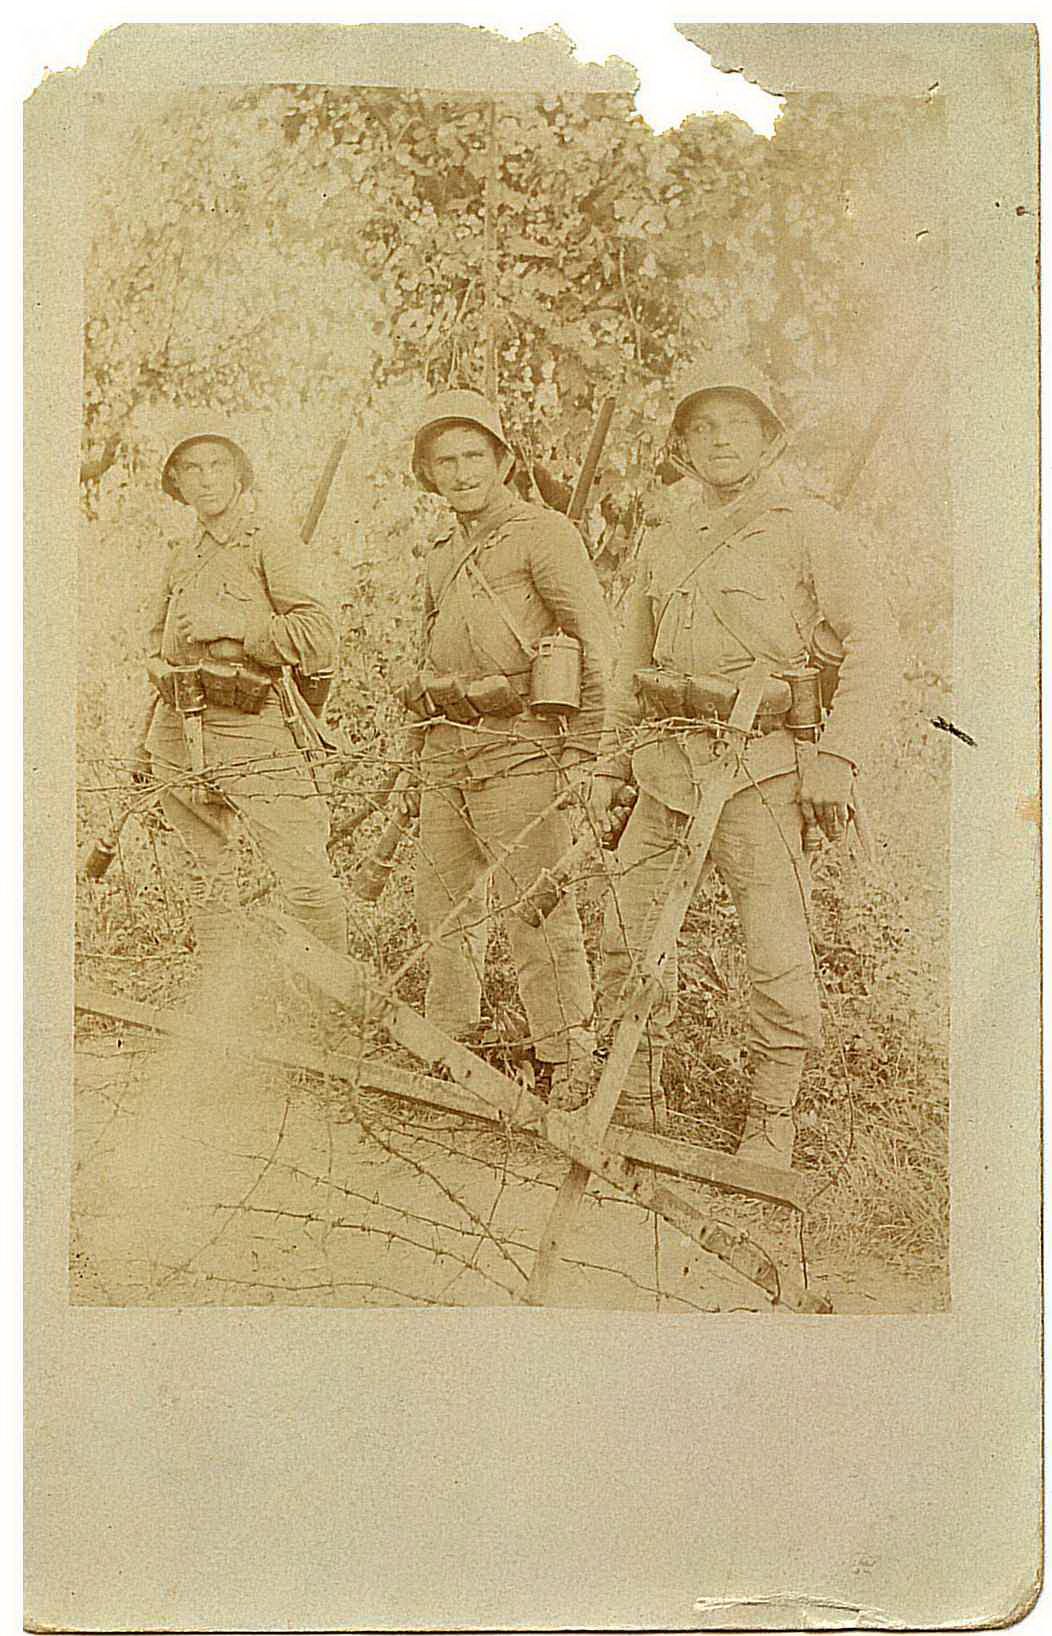 Fülöp Máté (jobb oldalon) két bajtársával. Ez a képes tábori levelezőlap volt utolsó levele, mintha sejtette volna, többé nem láthatja családja